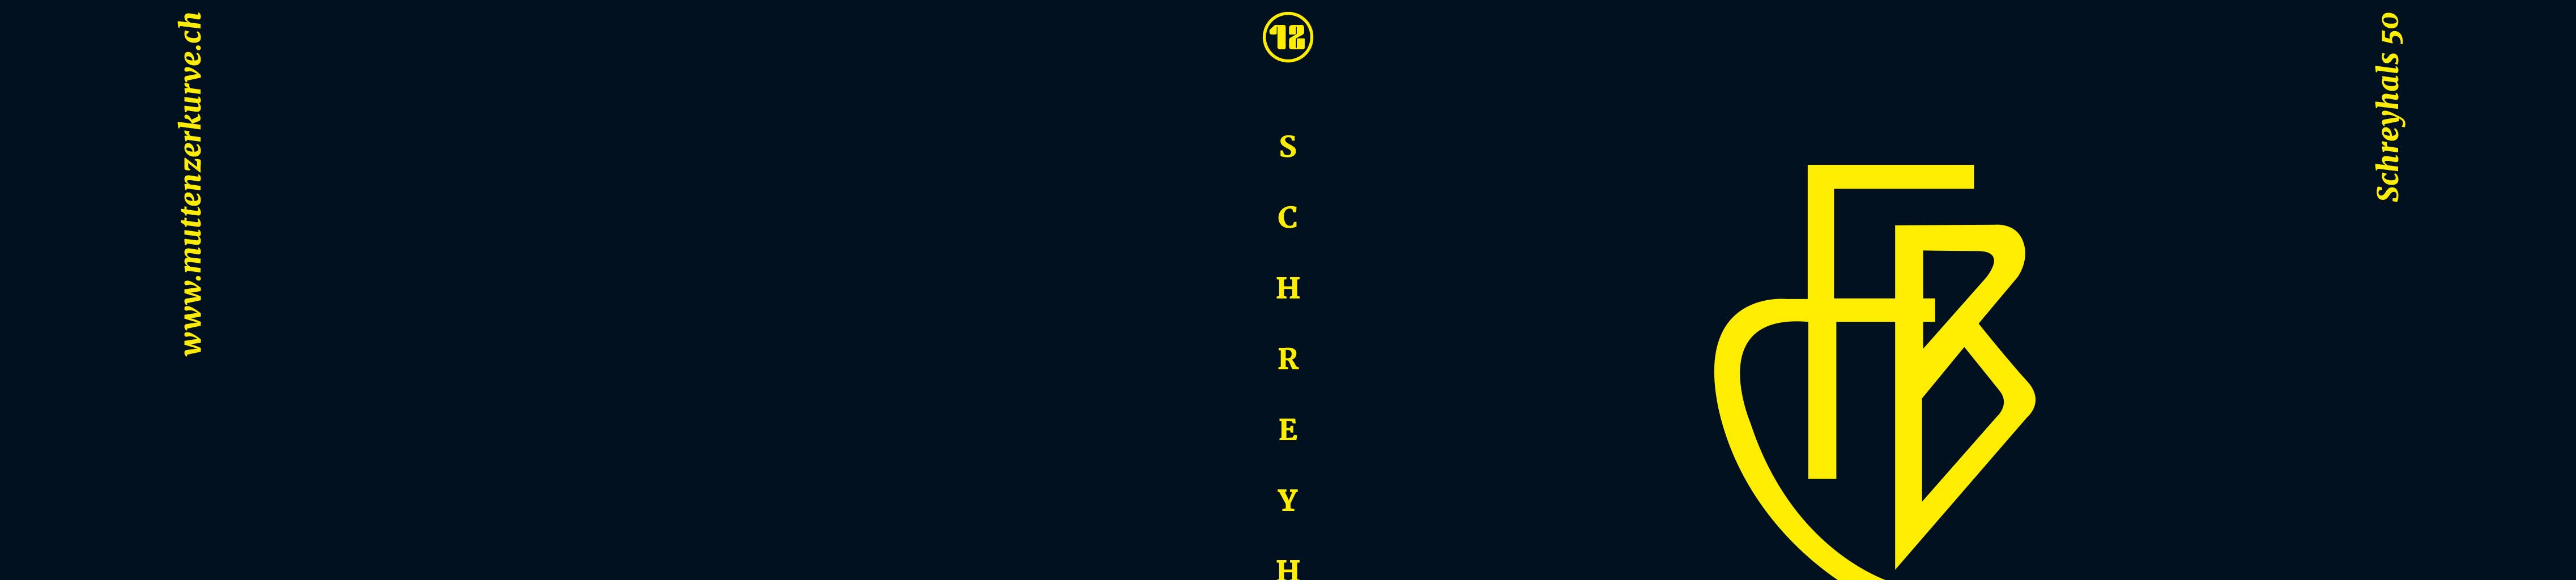 Schreyhals 50